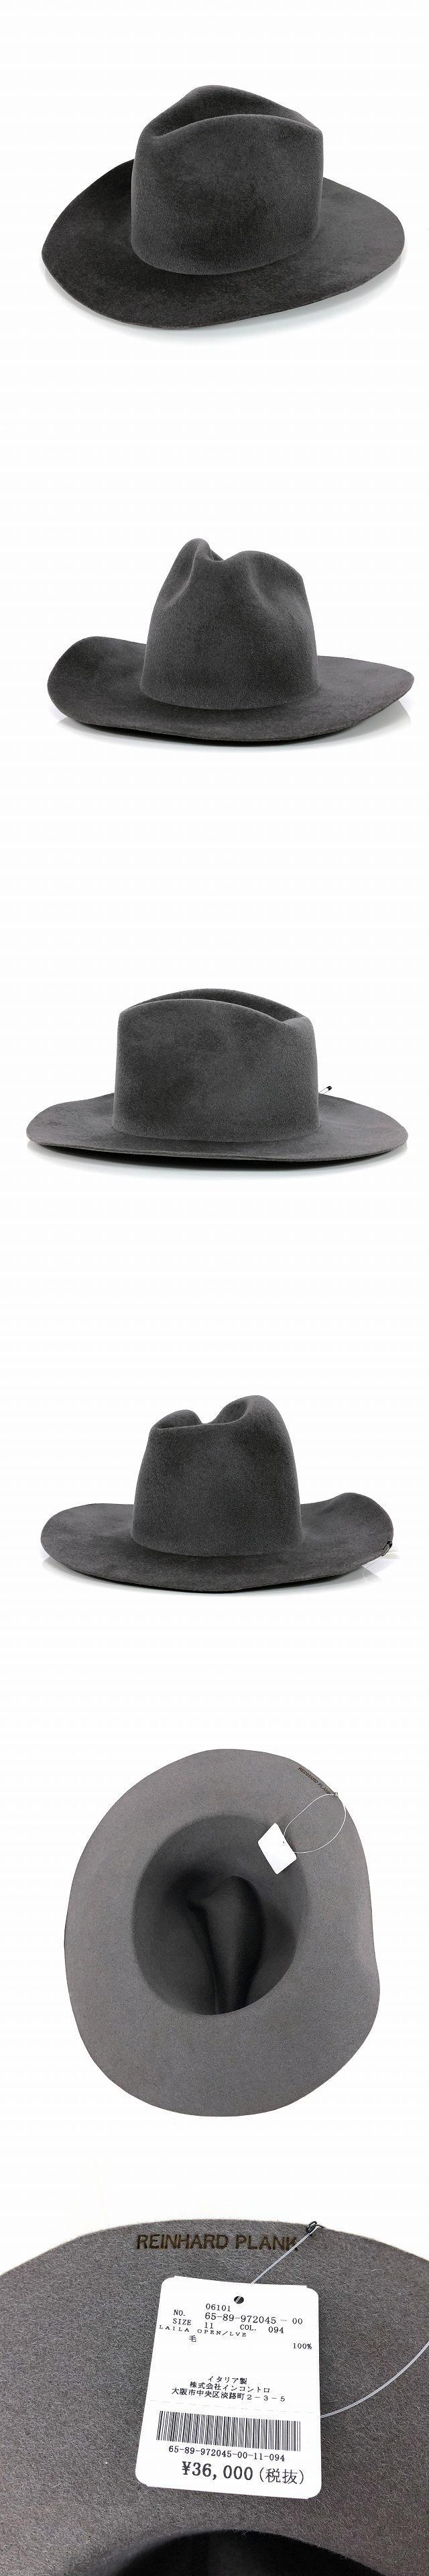 ワイドブリム フェルト ハット 帽子 LAILA OPEN LVE グレー SIZE 11 L 6589972045 col.094